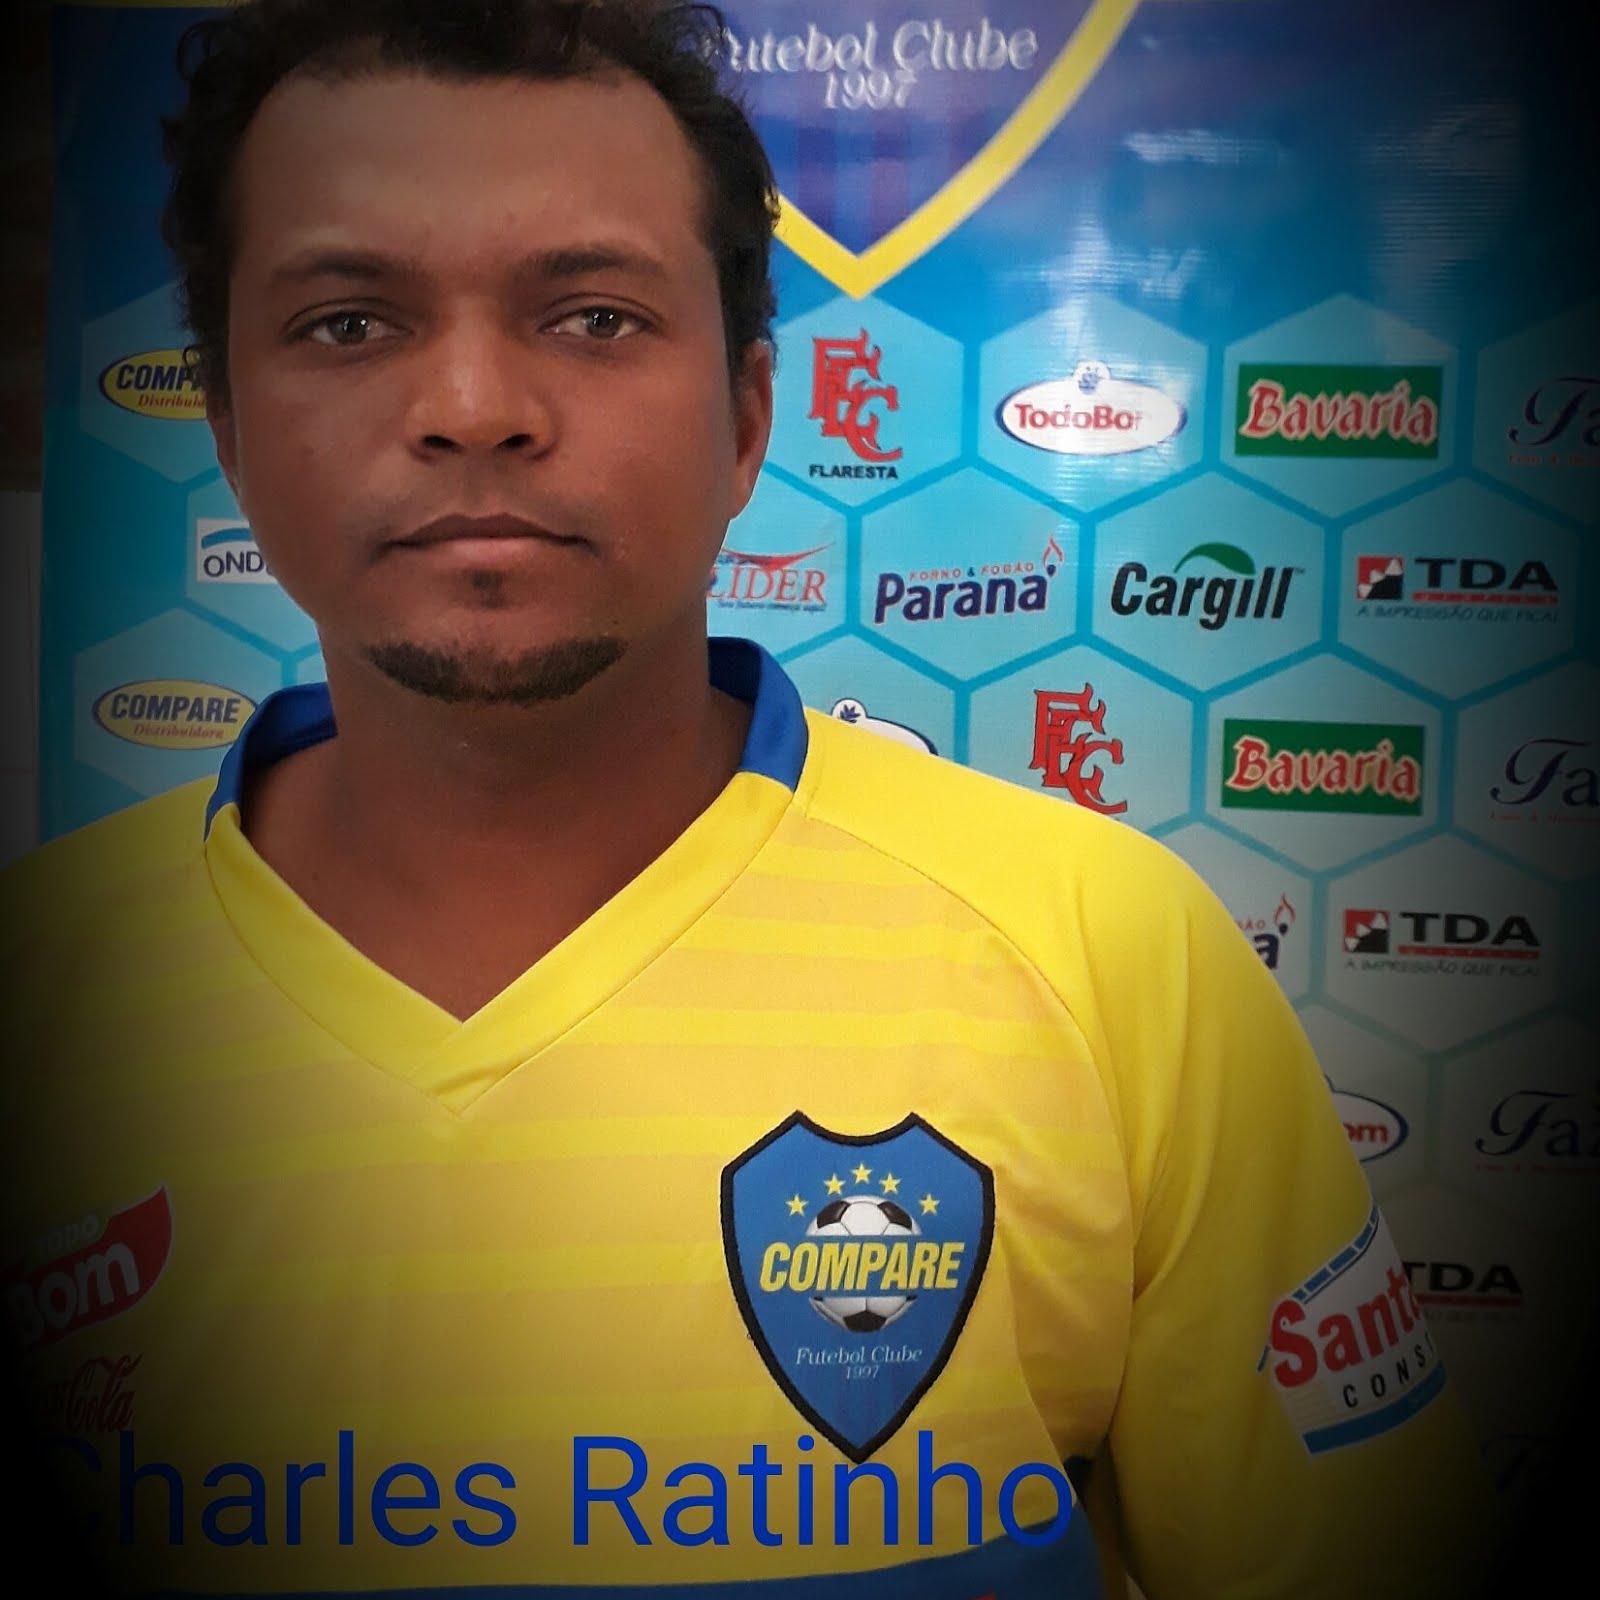 Charles Ratinho